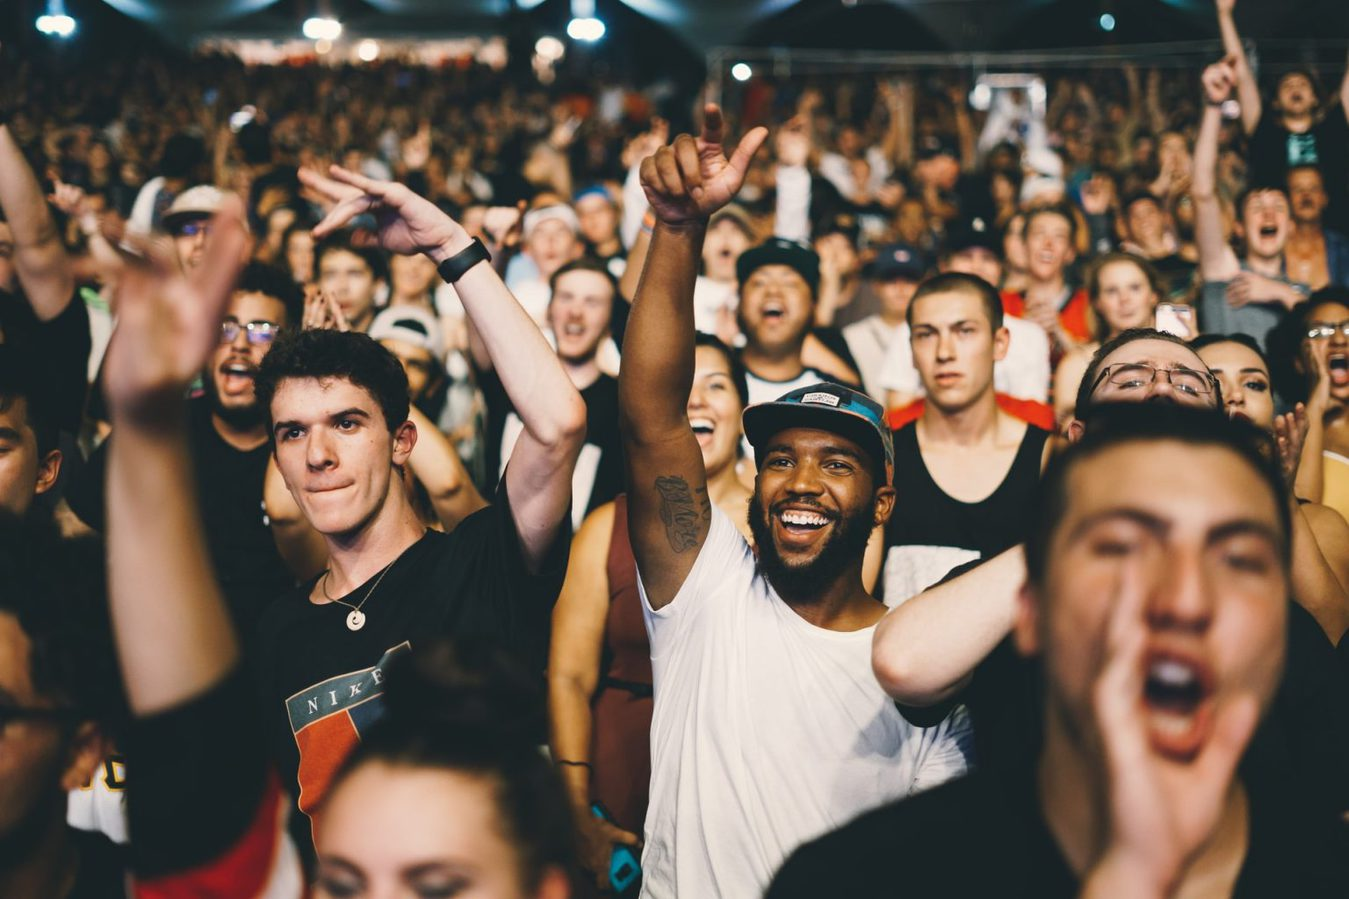 Gruppo di persone a un concerto